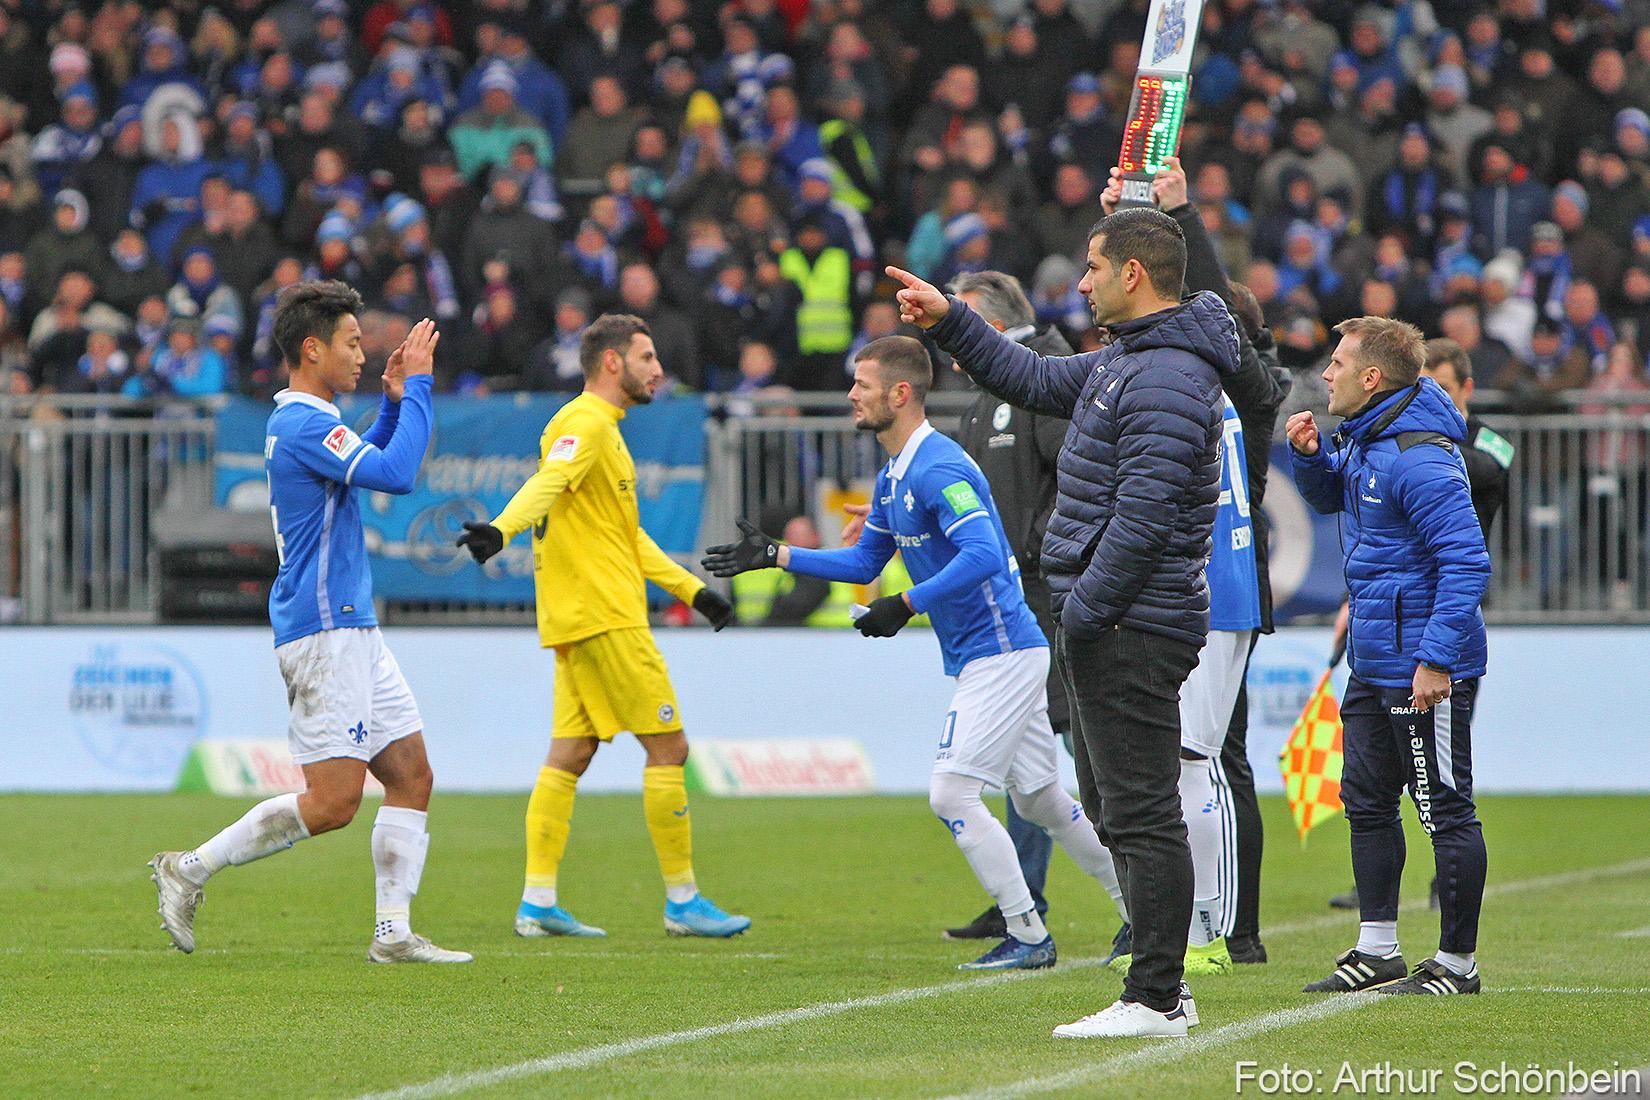 Ein Derby? Die News zum Spiel bei Wehen Wiesbaden